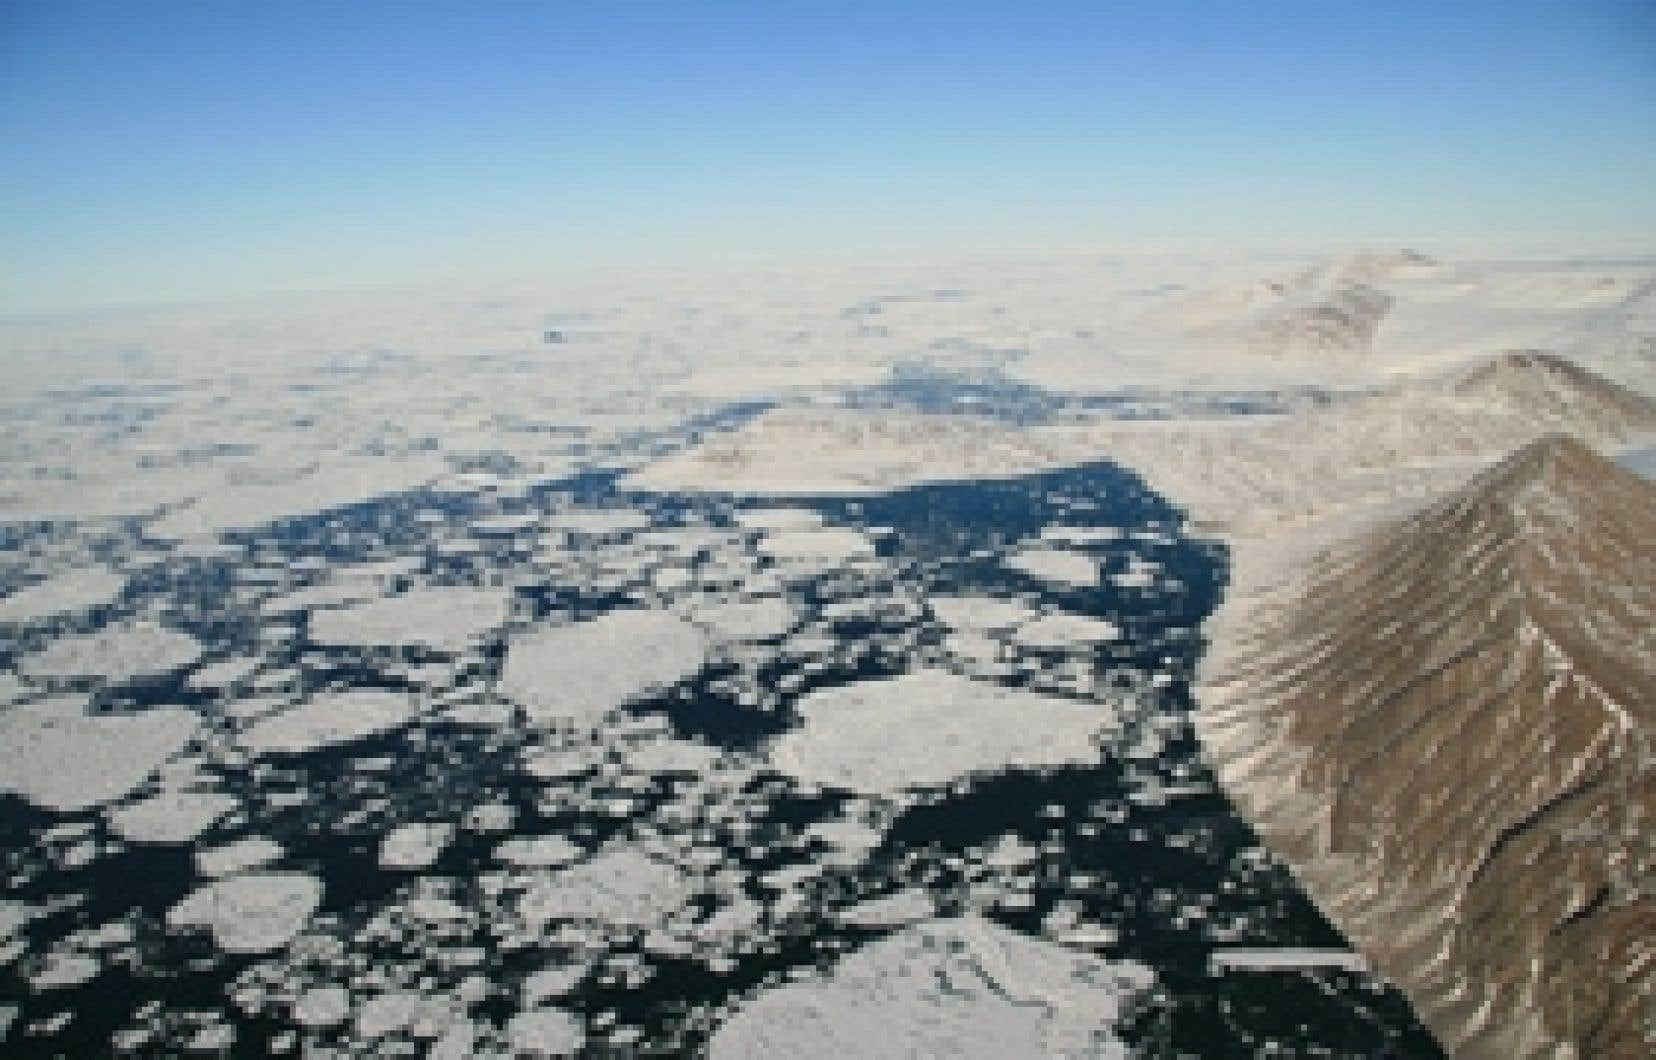 La disparition des plates-formes de glace géantes qui bordent l'île d'Ellesmere inquiète particulièrement les scientifiques.